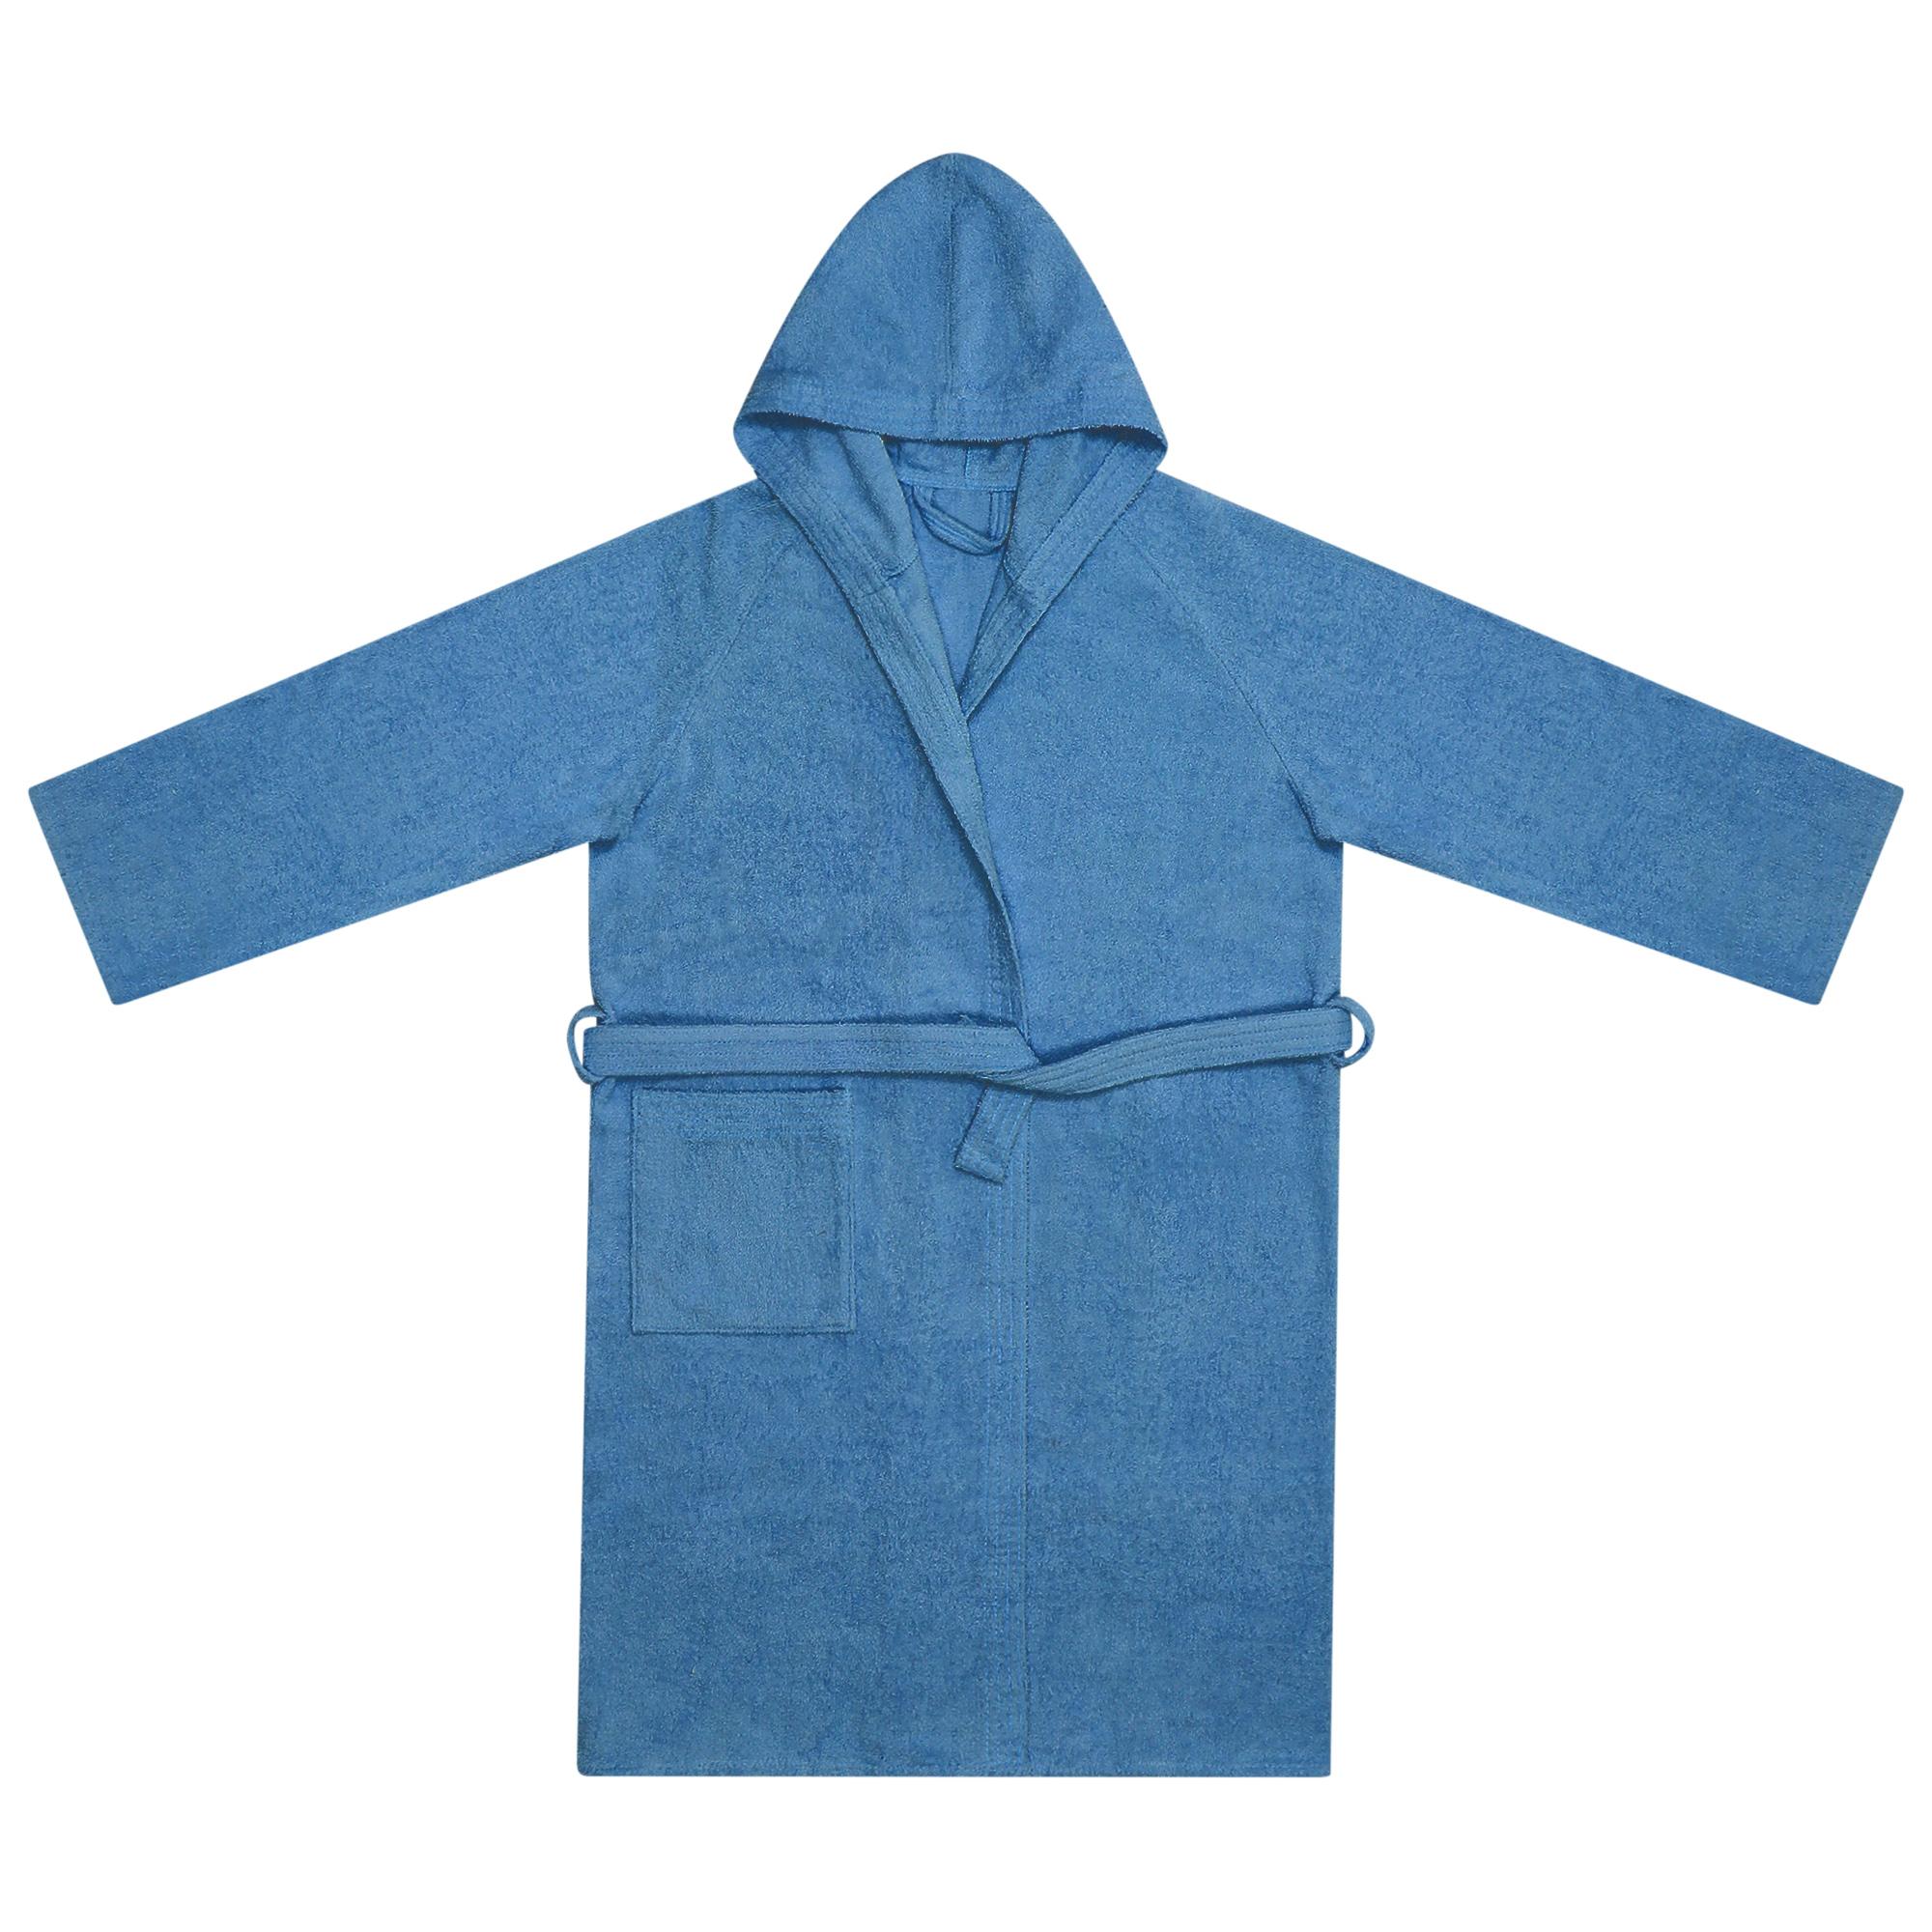 Фото - Халат махровый Onda blu Билли синий XL халат махровый onda blu флоринда салатовый xl